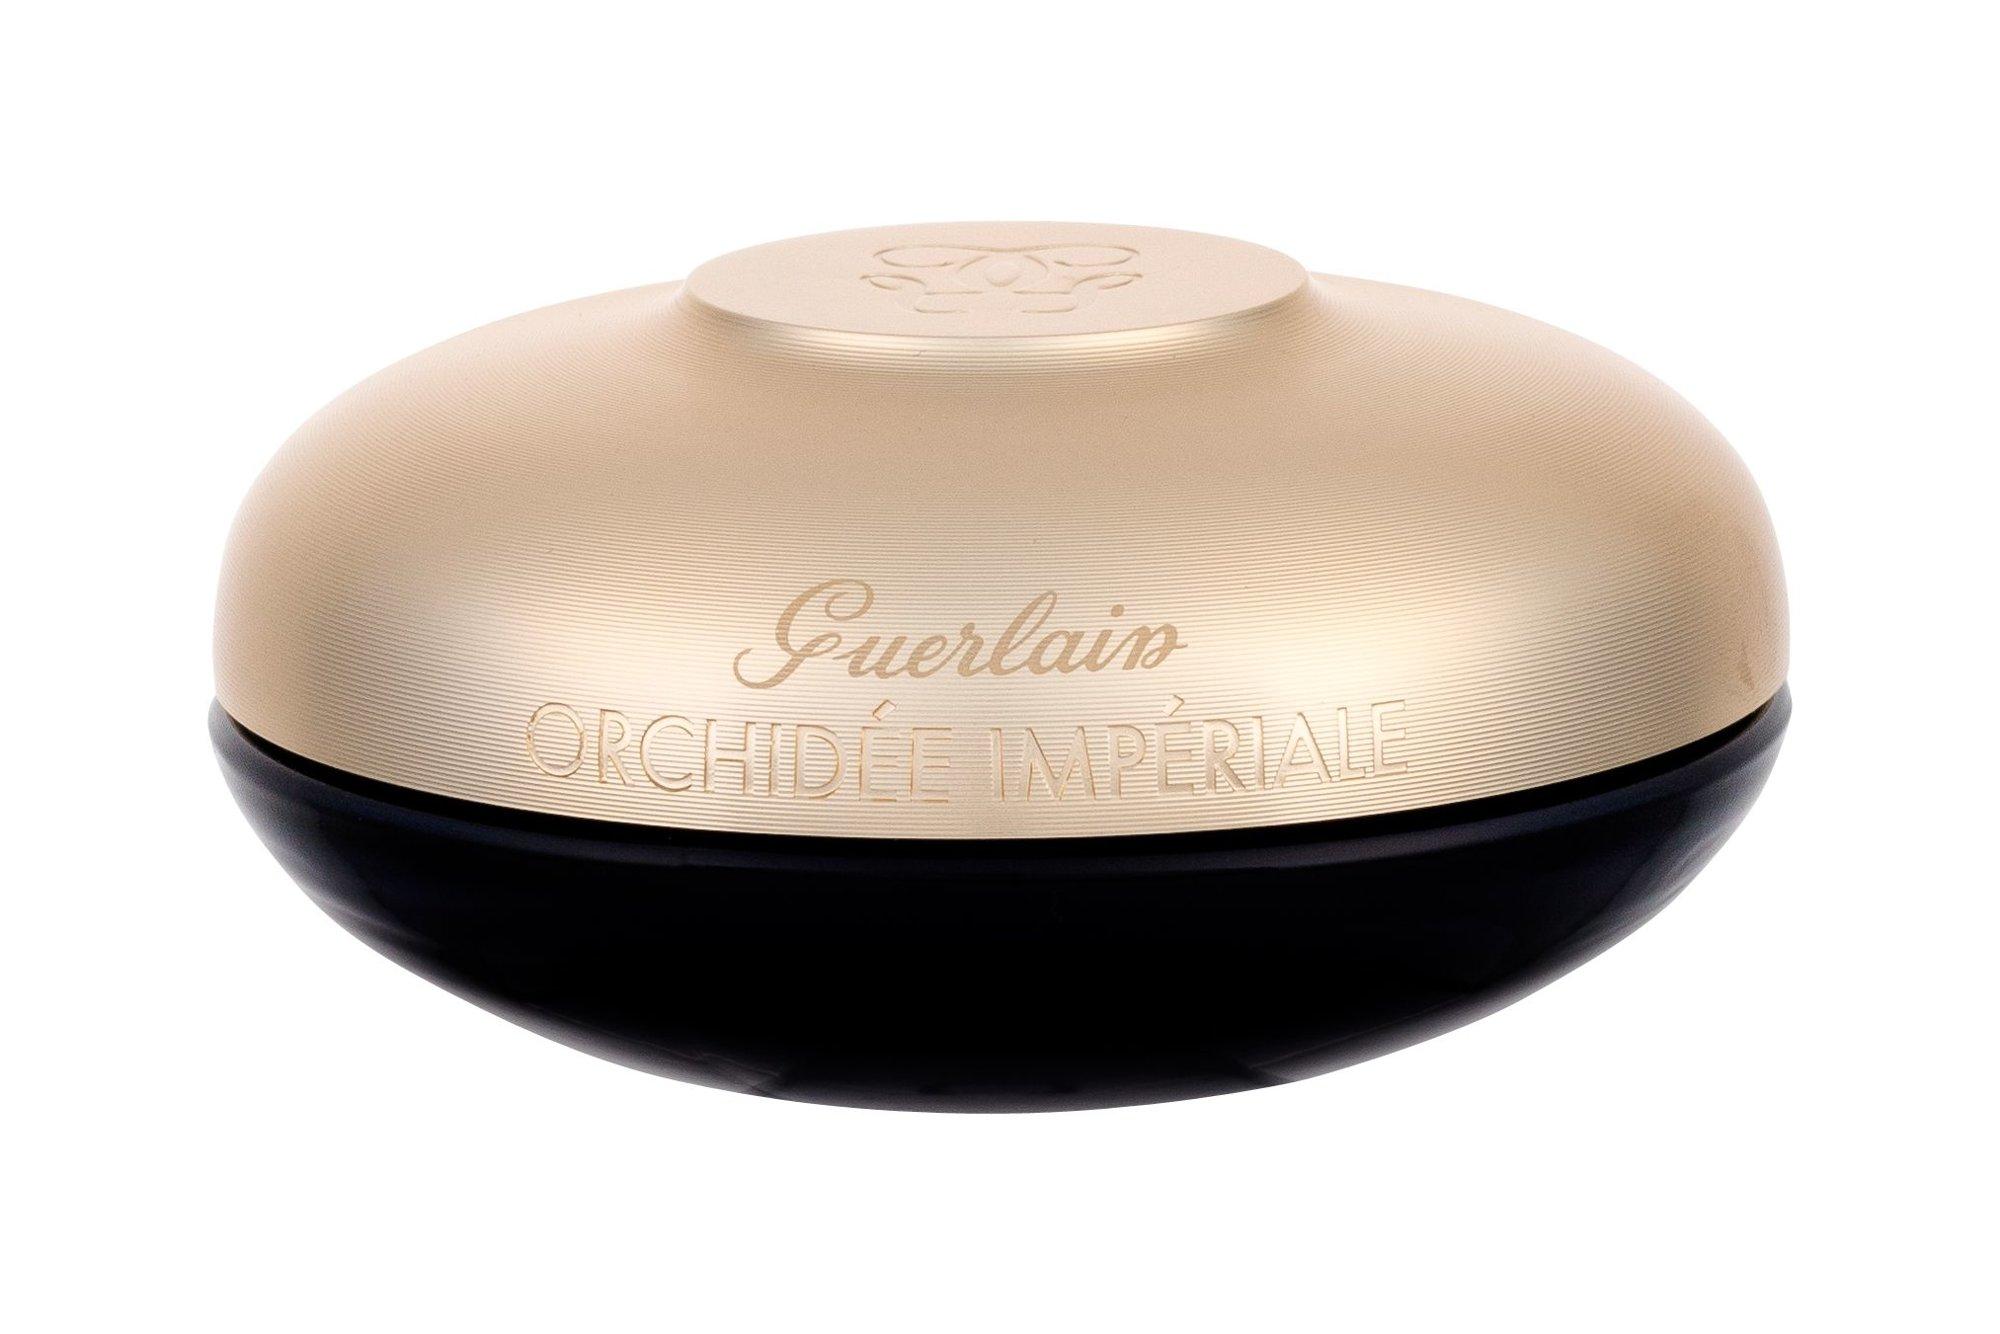 Guerlain Orchidée Impériale Day Cream 50ml